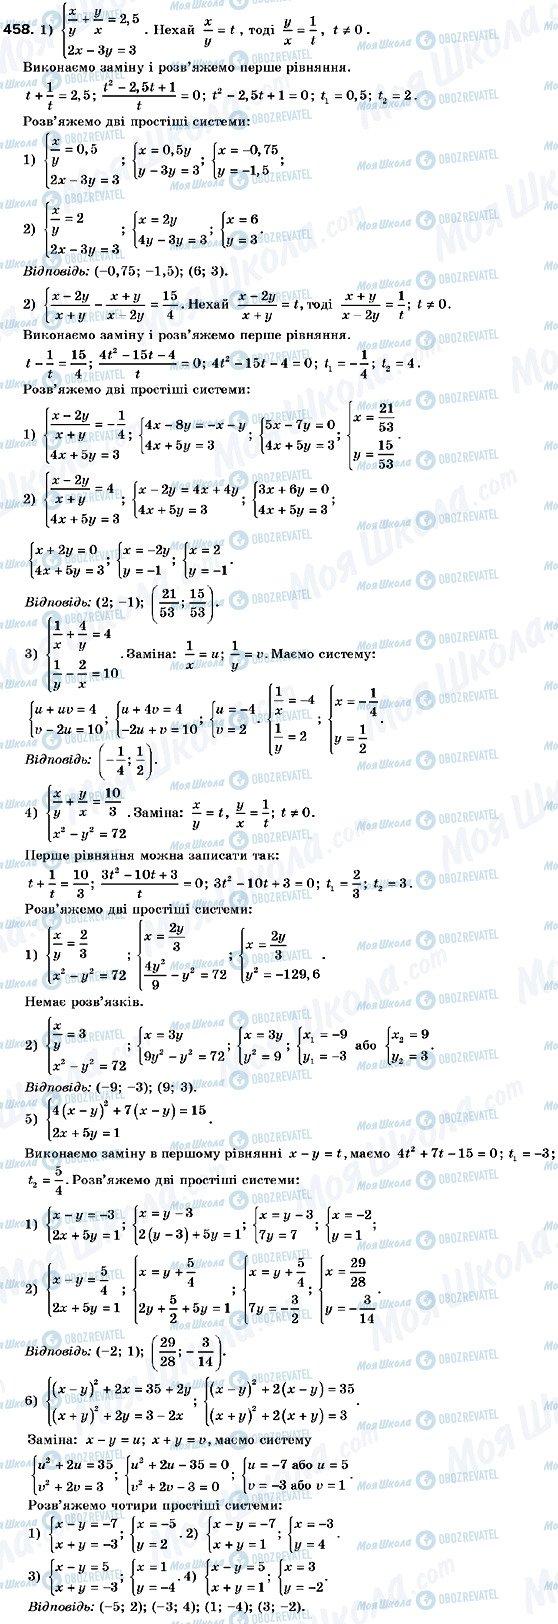 ГДЗ Алгебра 9 класс страница 458